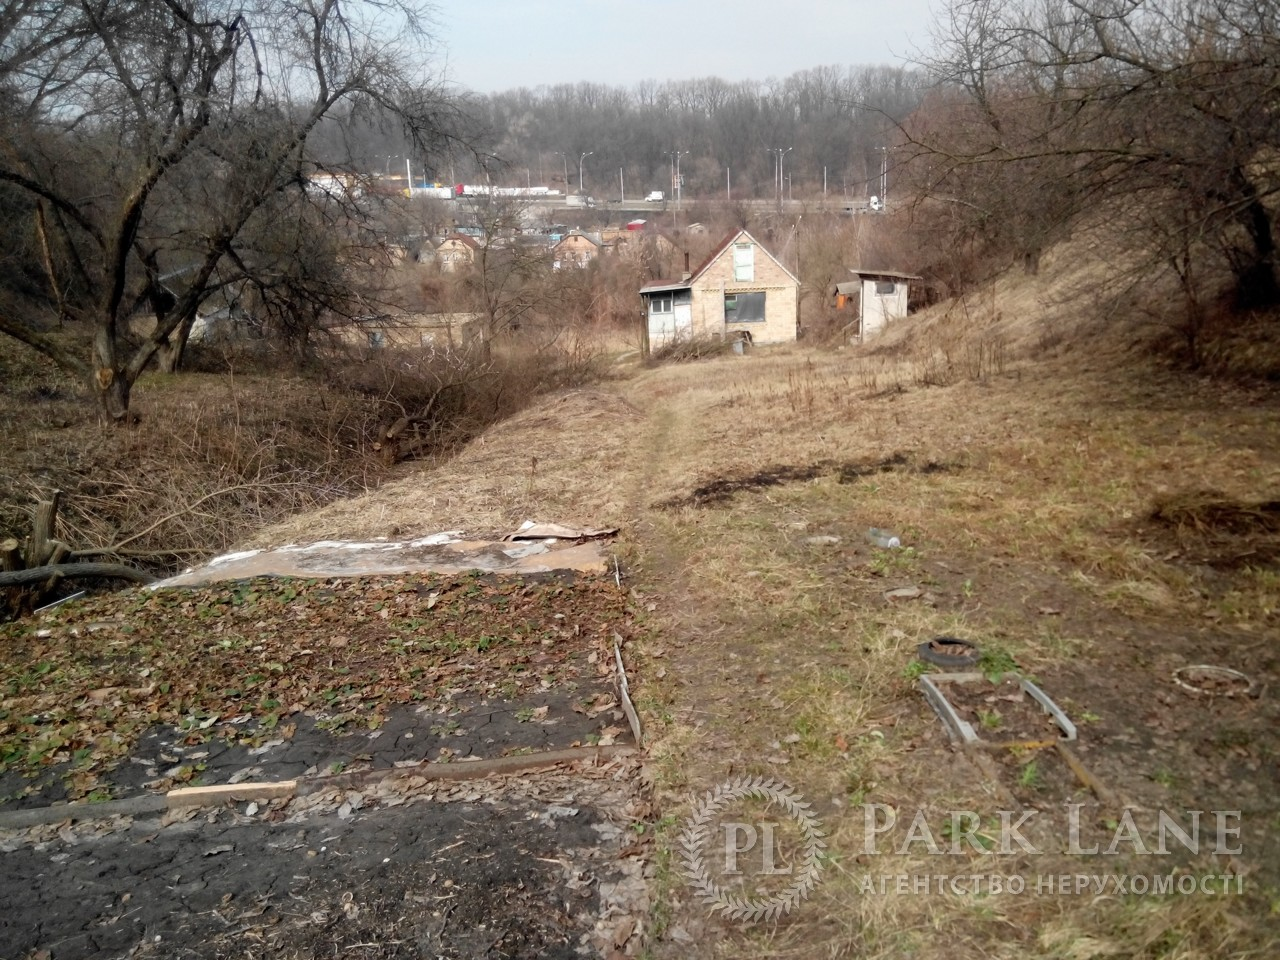 Земельный участок ул. Пироговский путь (Краснознаменная), Киев, X-33301 - Фото 1